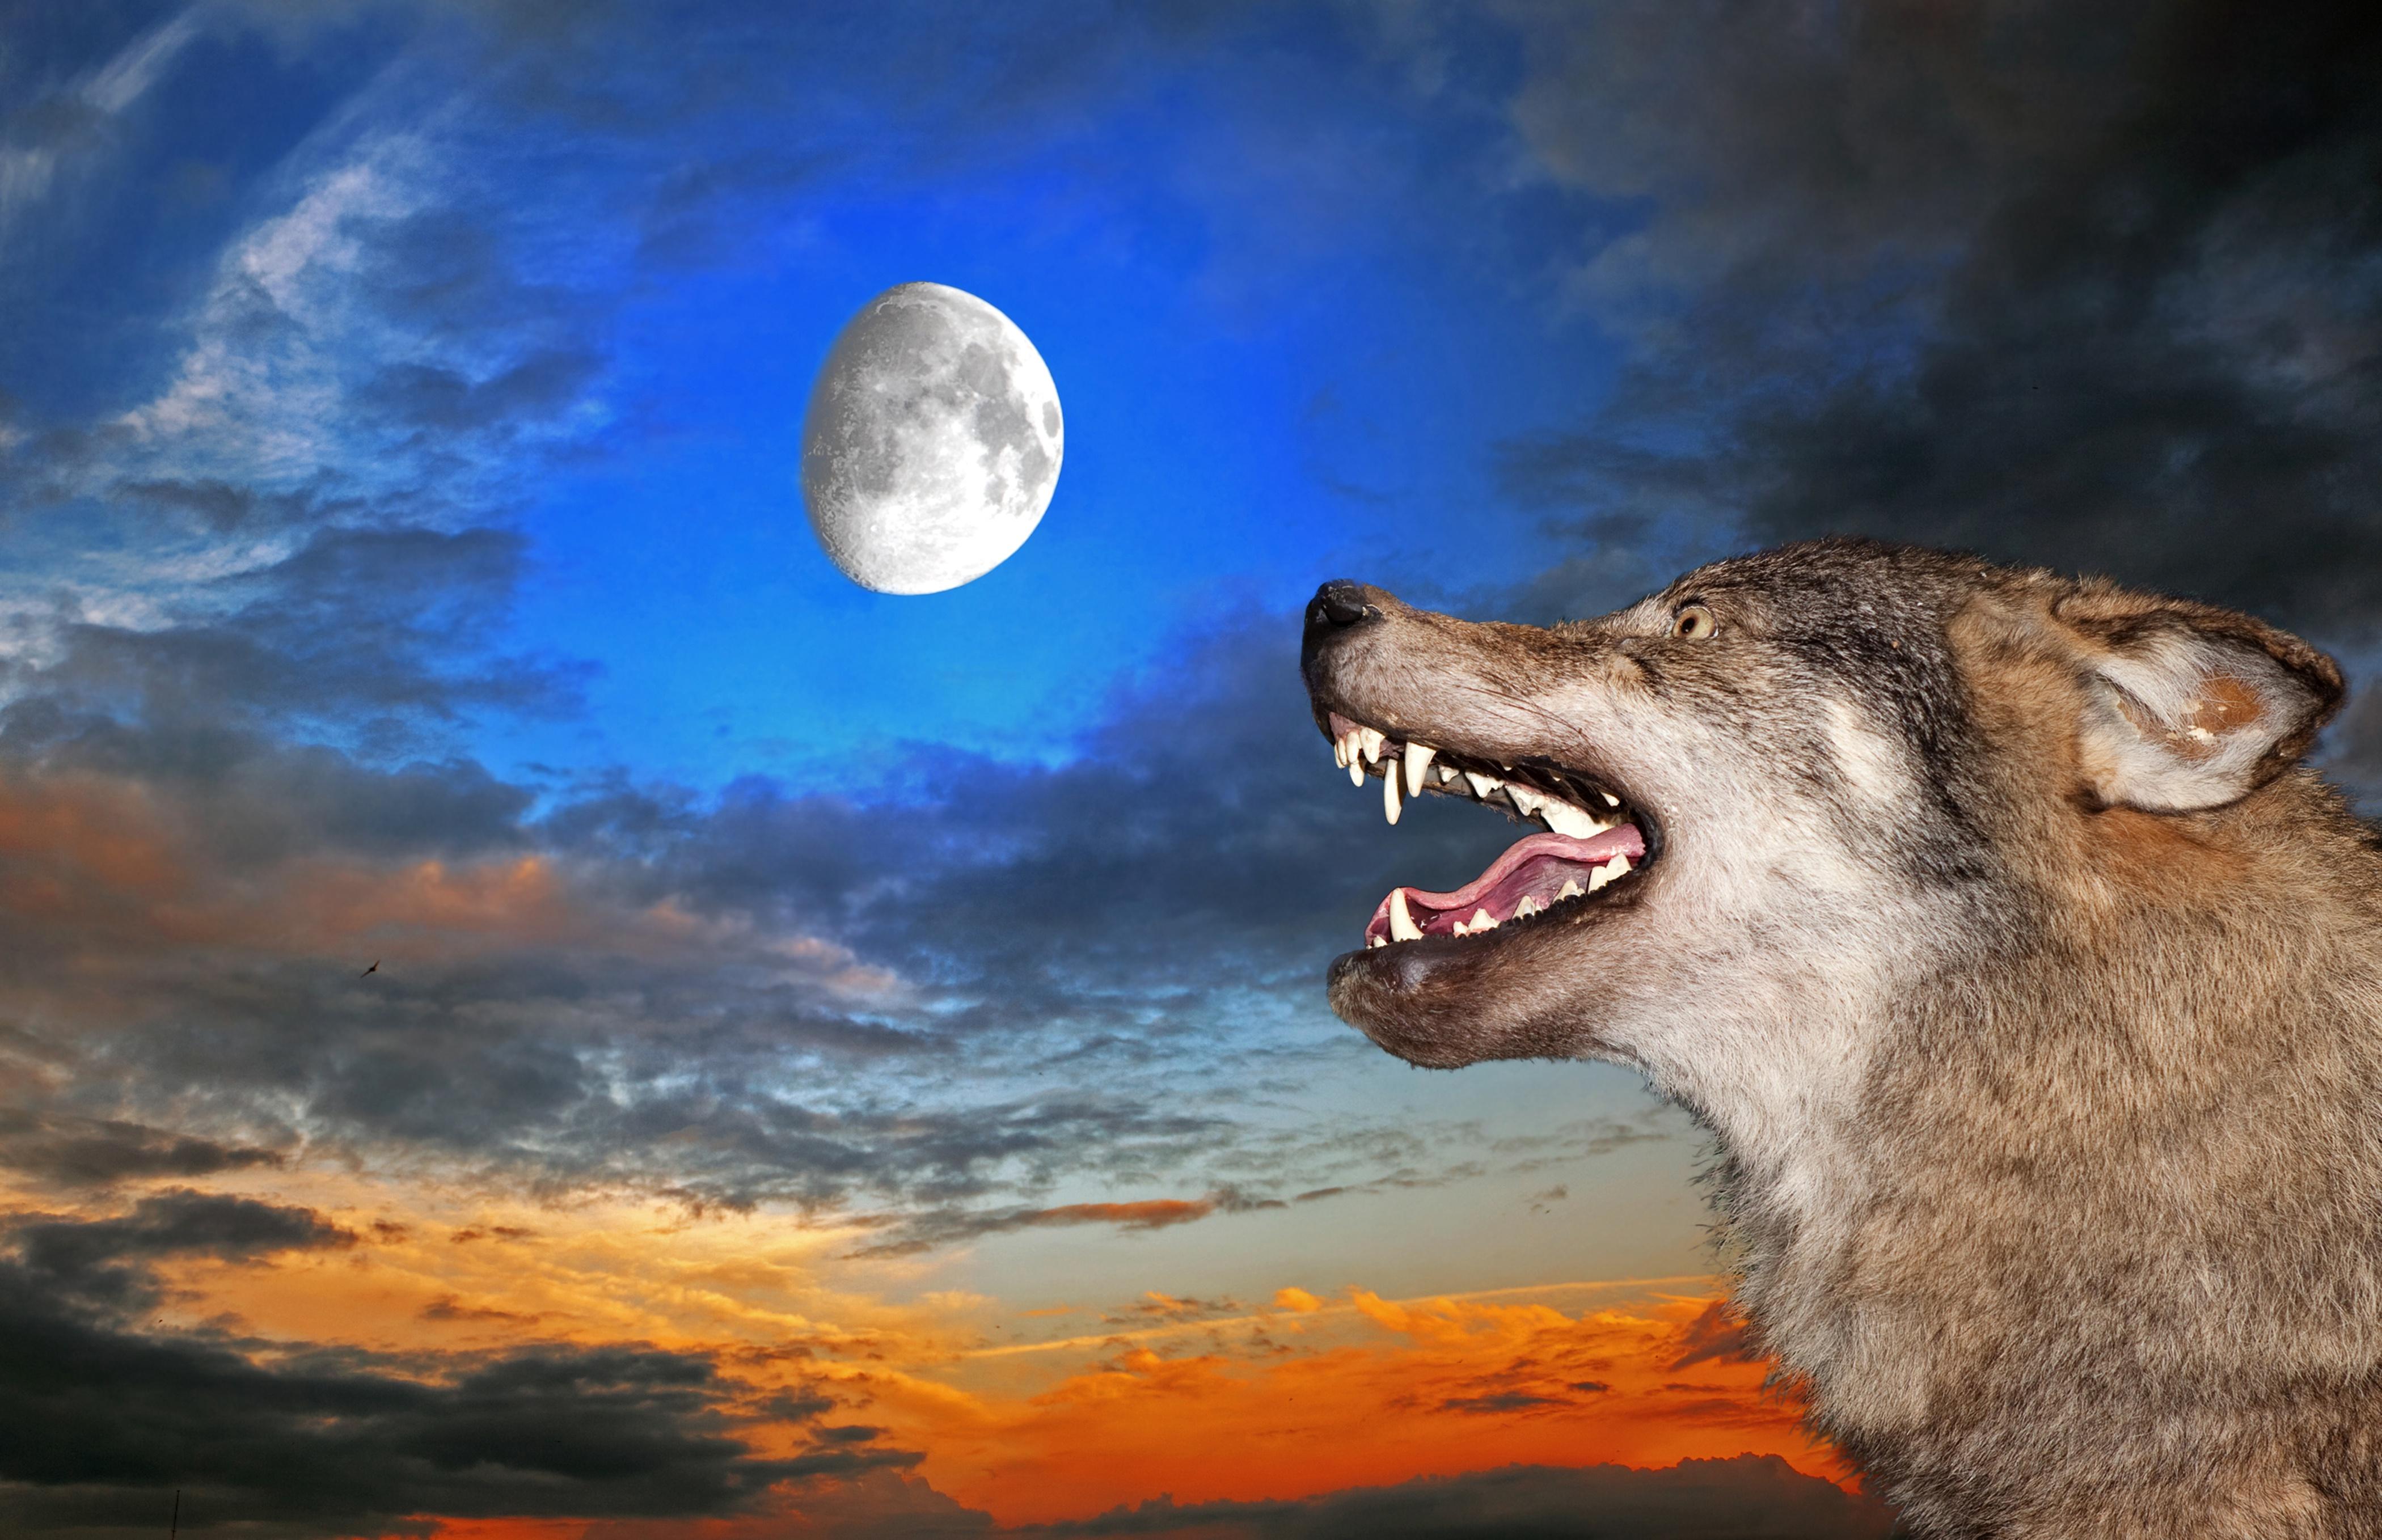 Картинки волков для компании